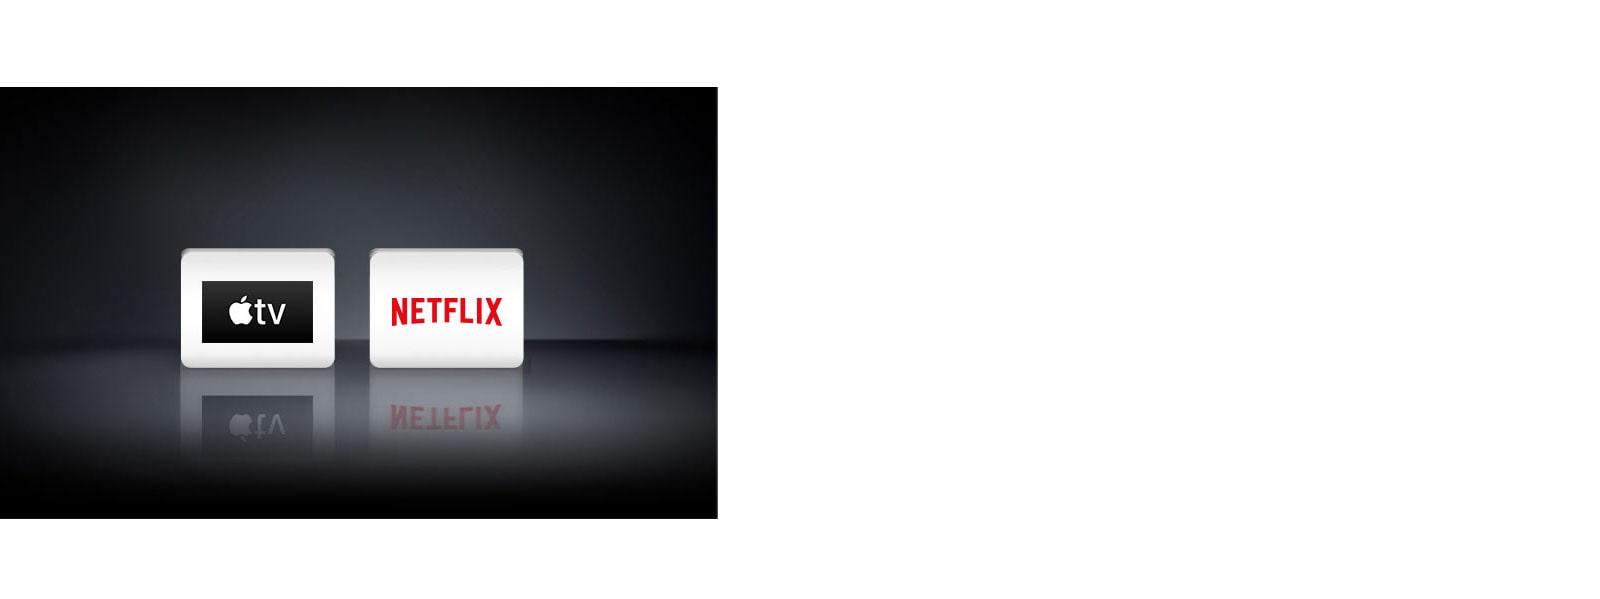 Két alkalmazás logója, balról jobbra haladva ezek: Apple TV alkalmazás, Netflix